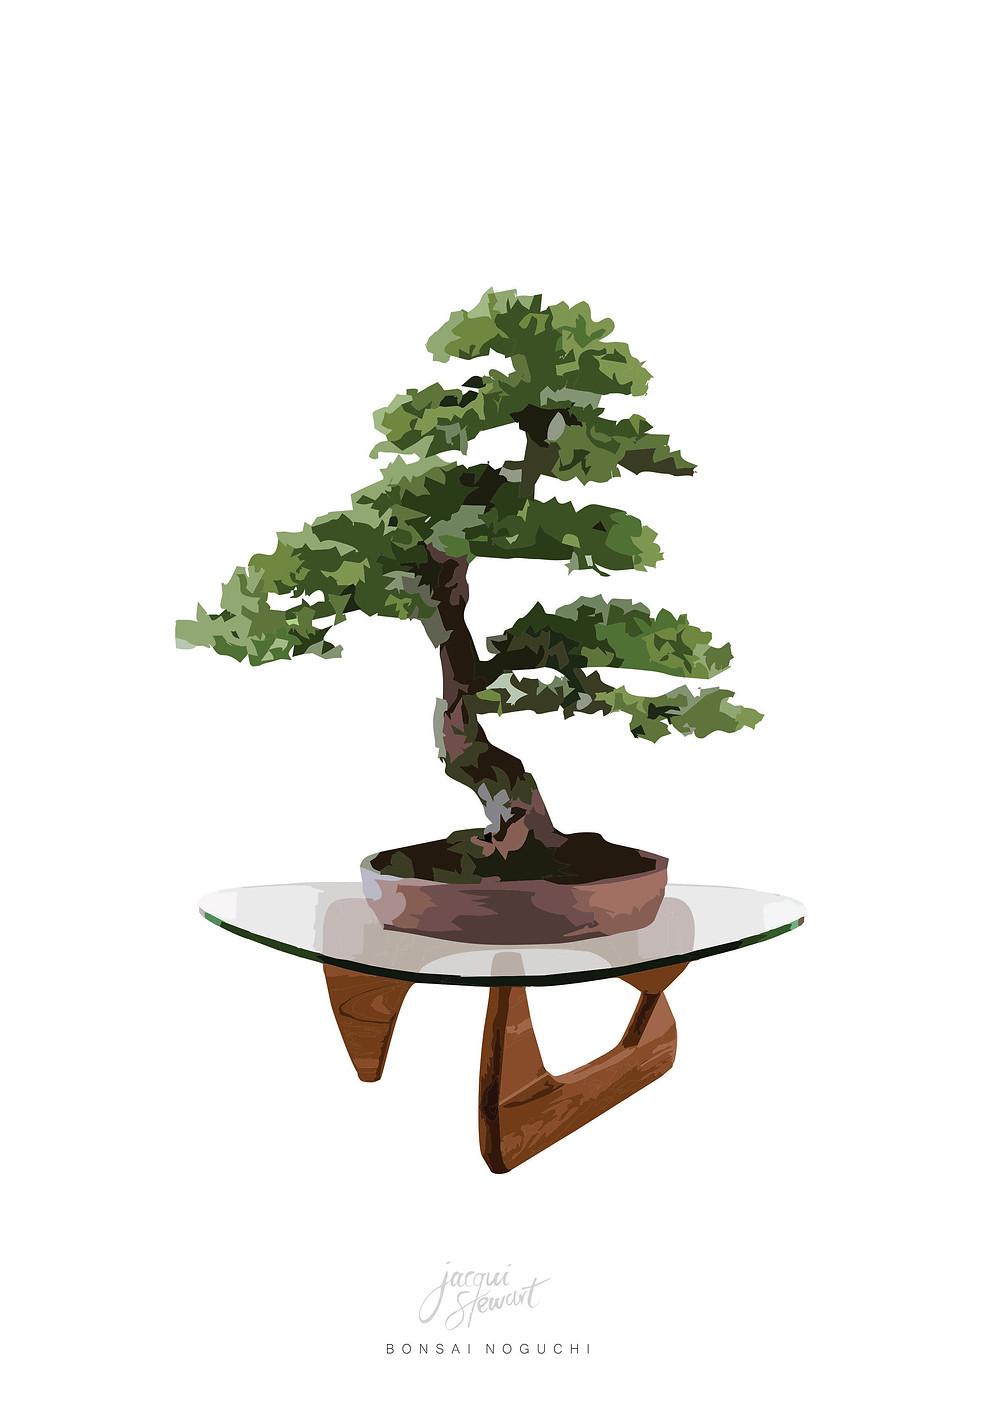 Bonsai Noguchi Art Print by Jacqui Stewart